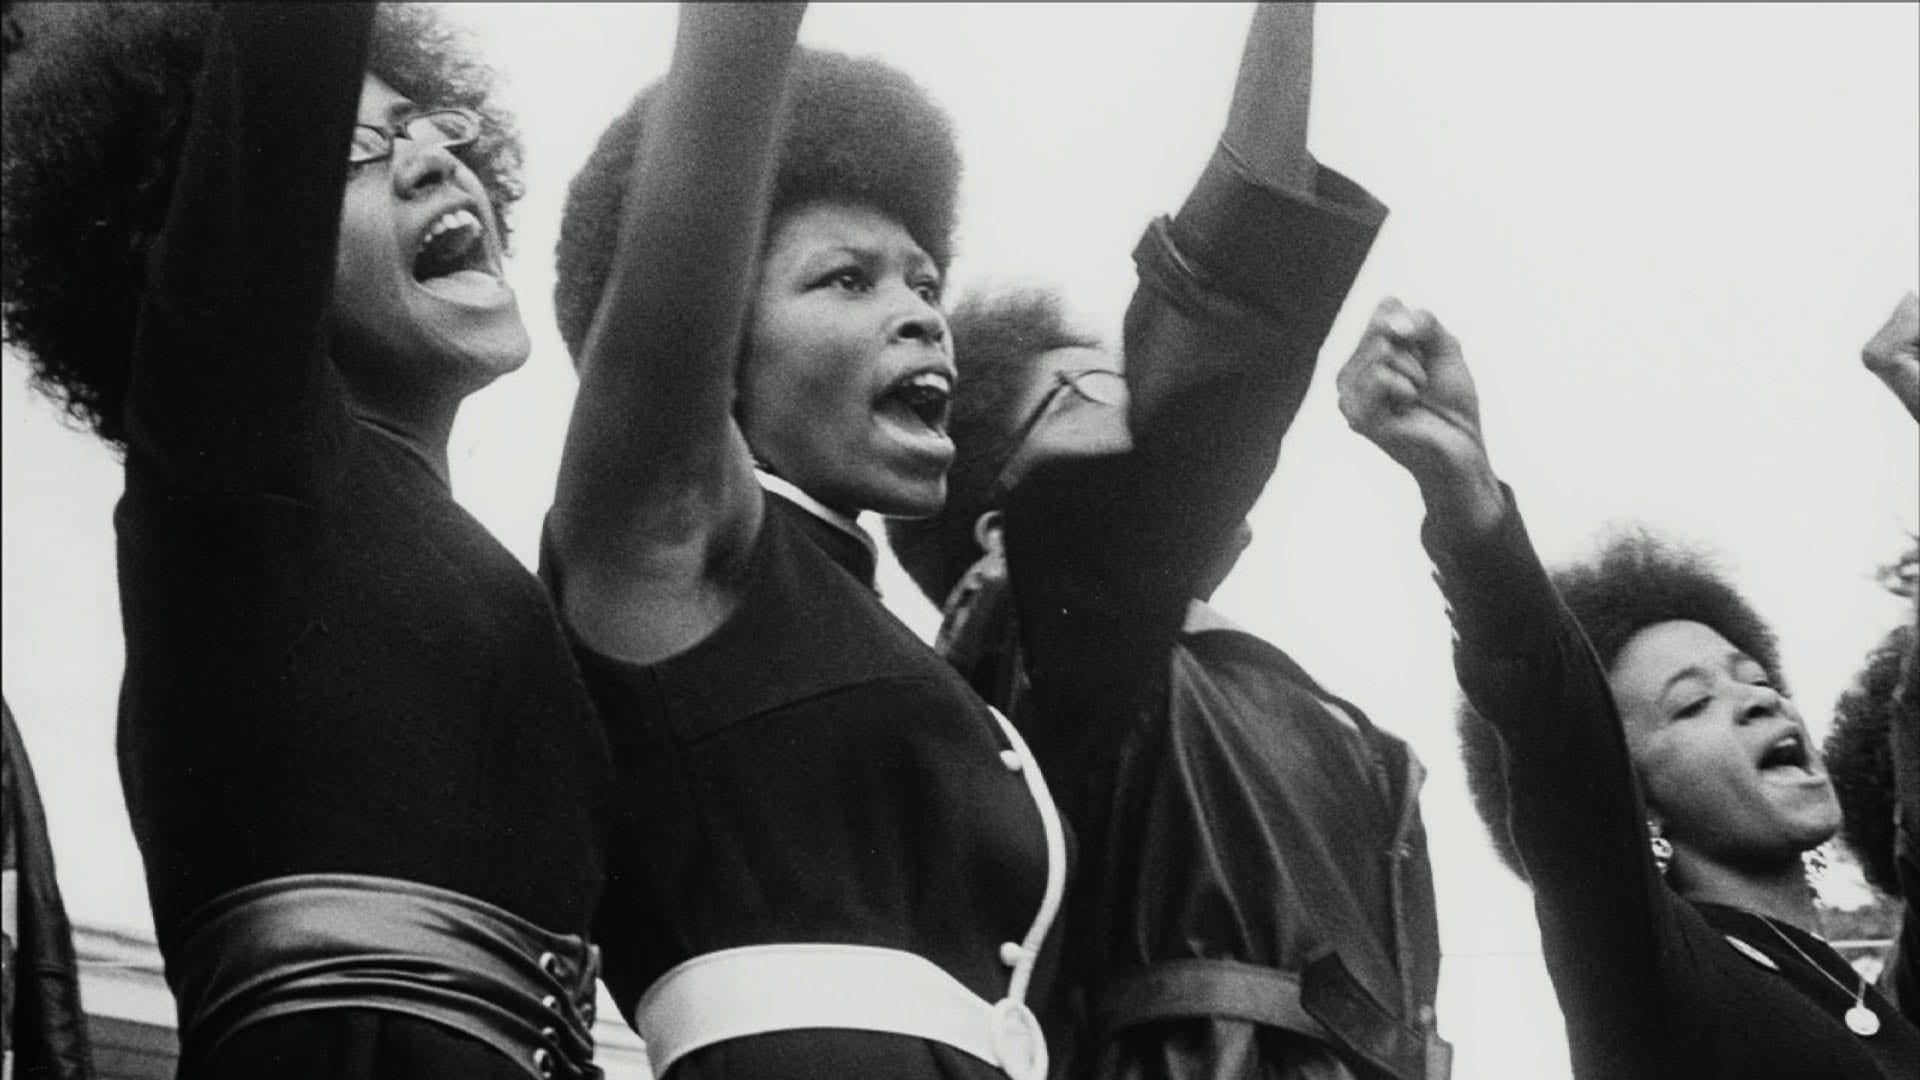 Complètement et trop extrême 7 citations de 7 femmes fortes qui vont changer votre vie - AfrikMag @HP_74